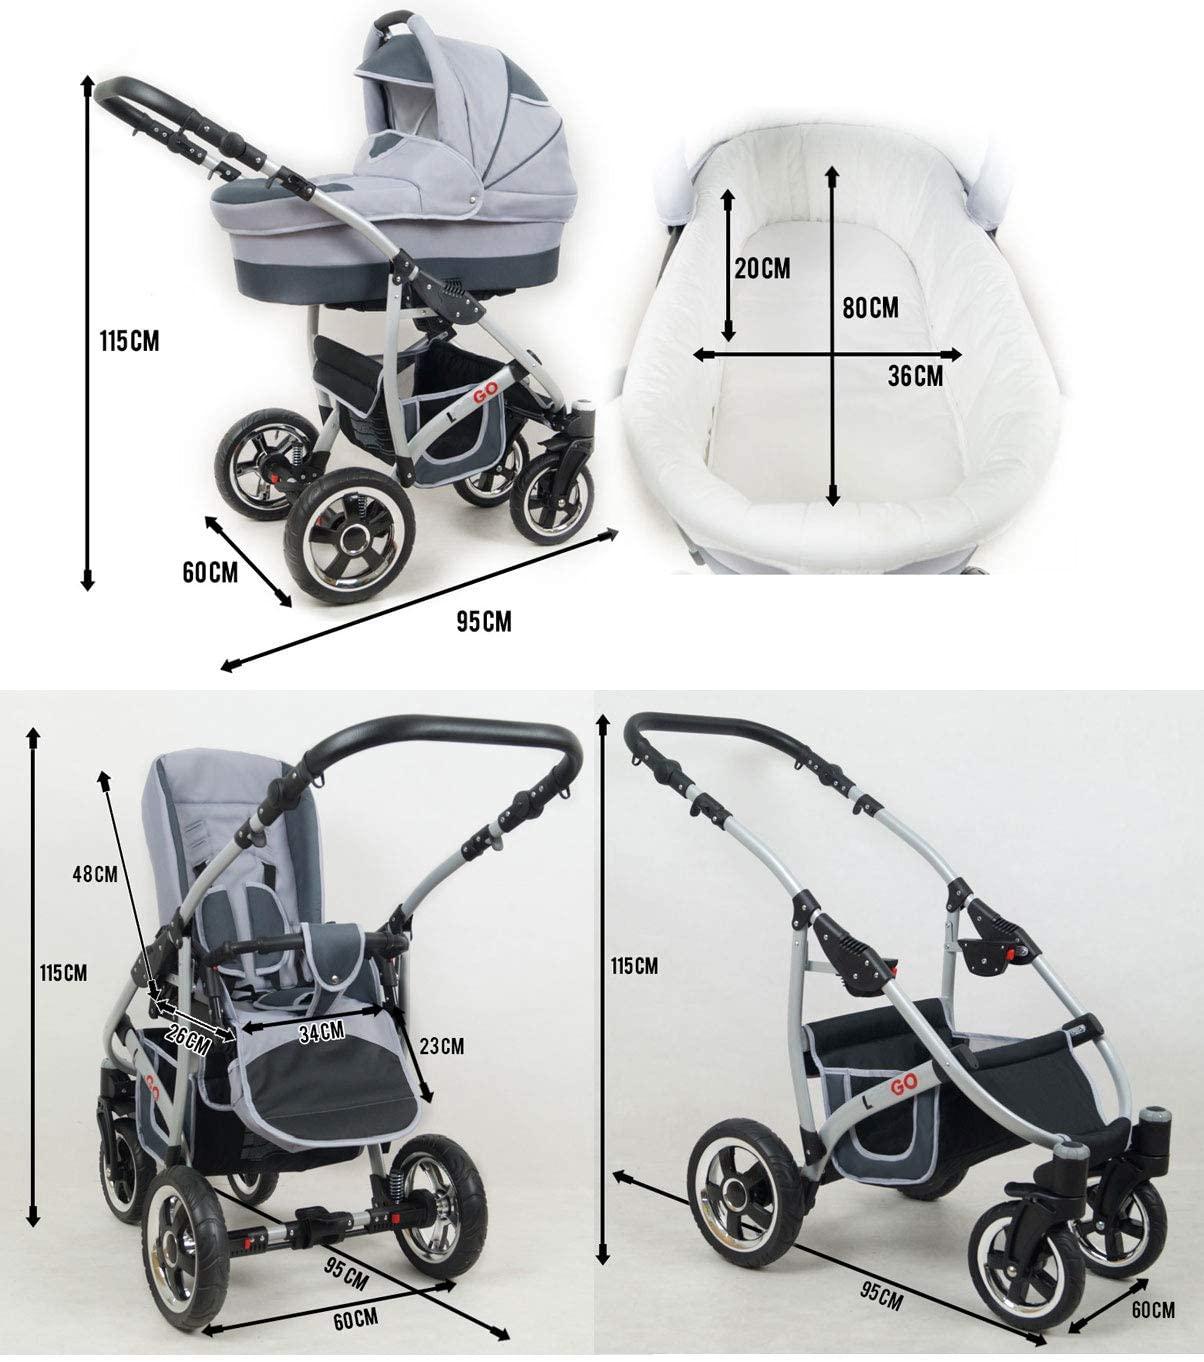 Cochecito de bebe 3 en 1 2 en 1 Trio Isofix silla de paseo New L-GO 2 by SaintBaby negro & lila 2in1 sin Silla de coche